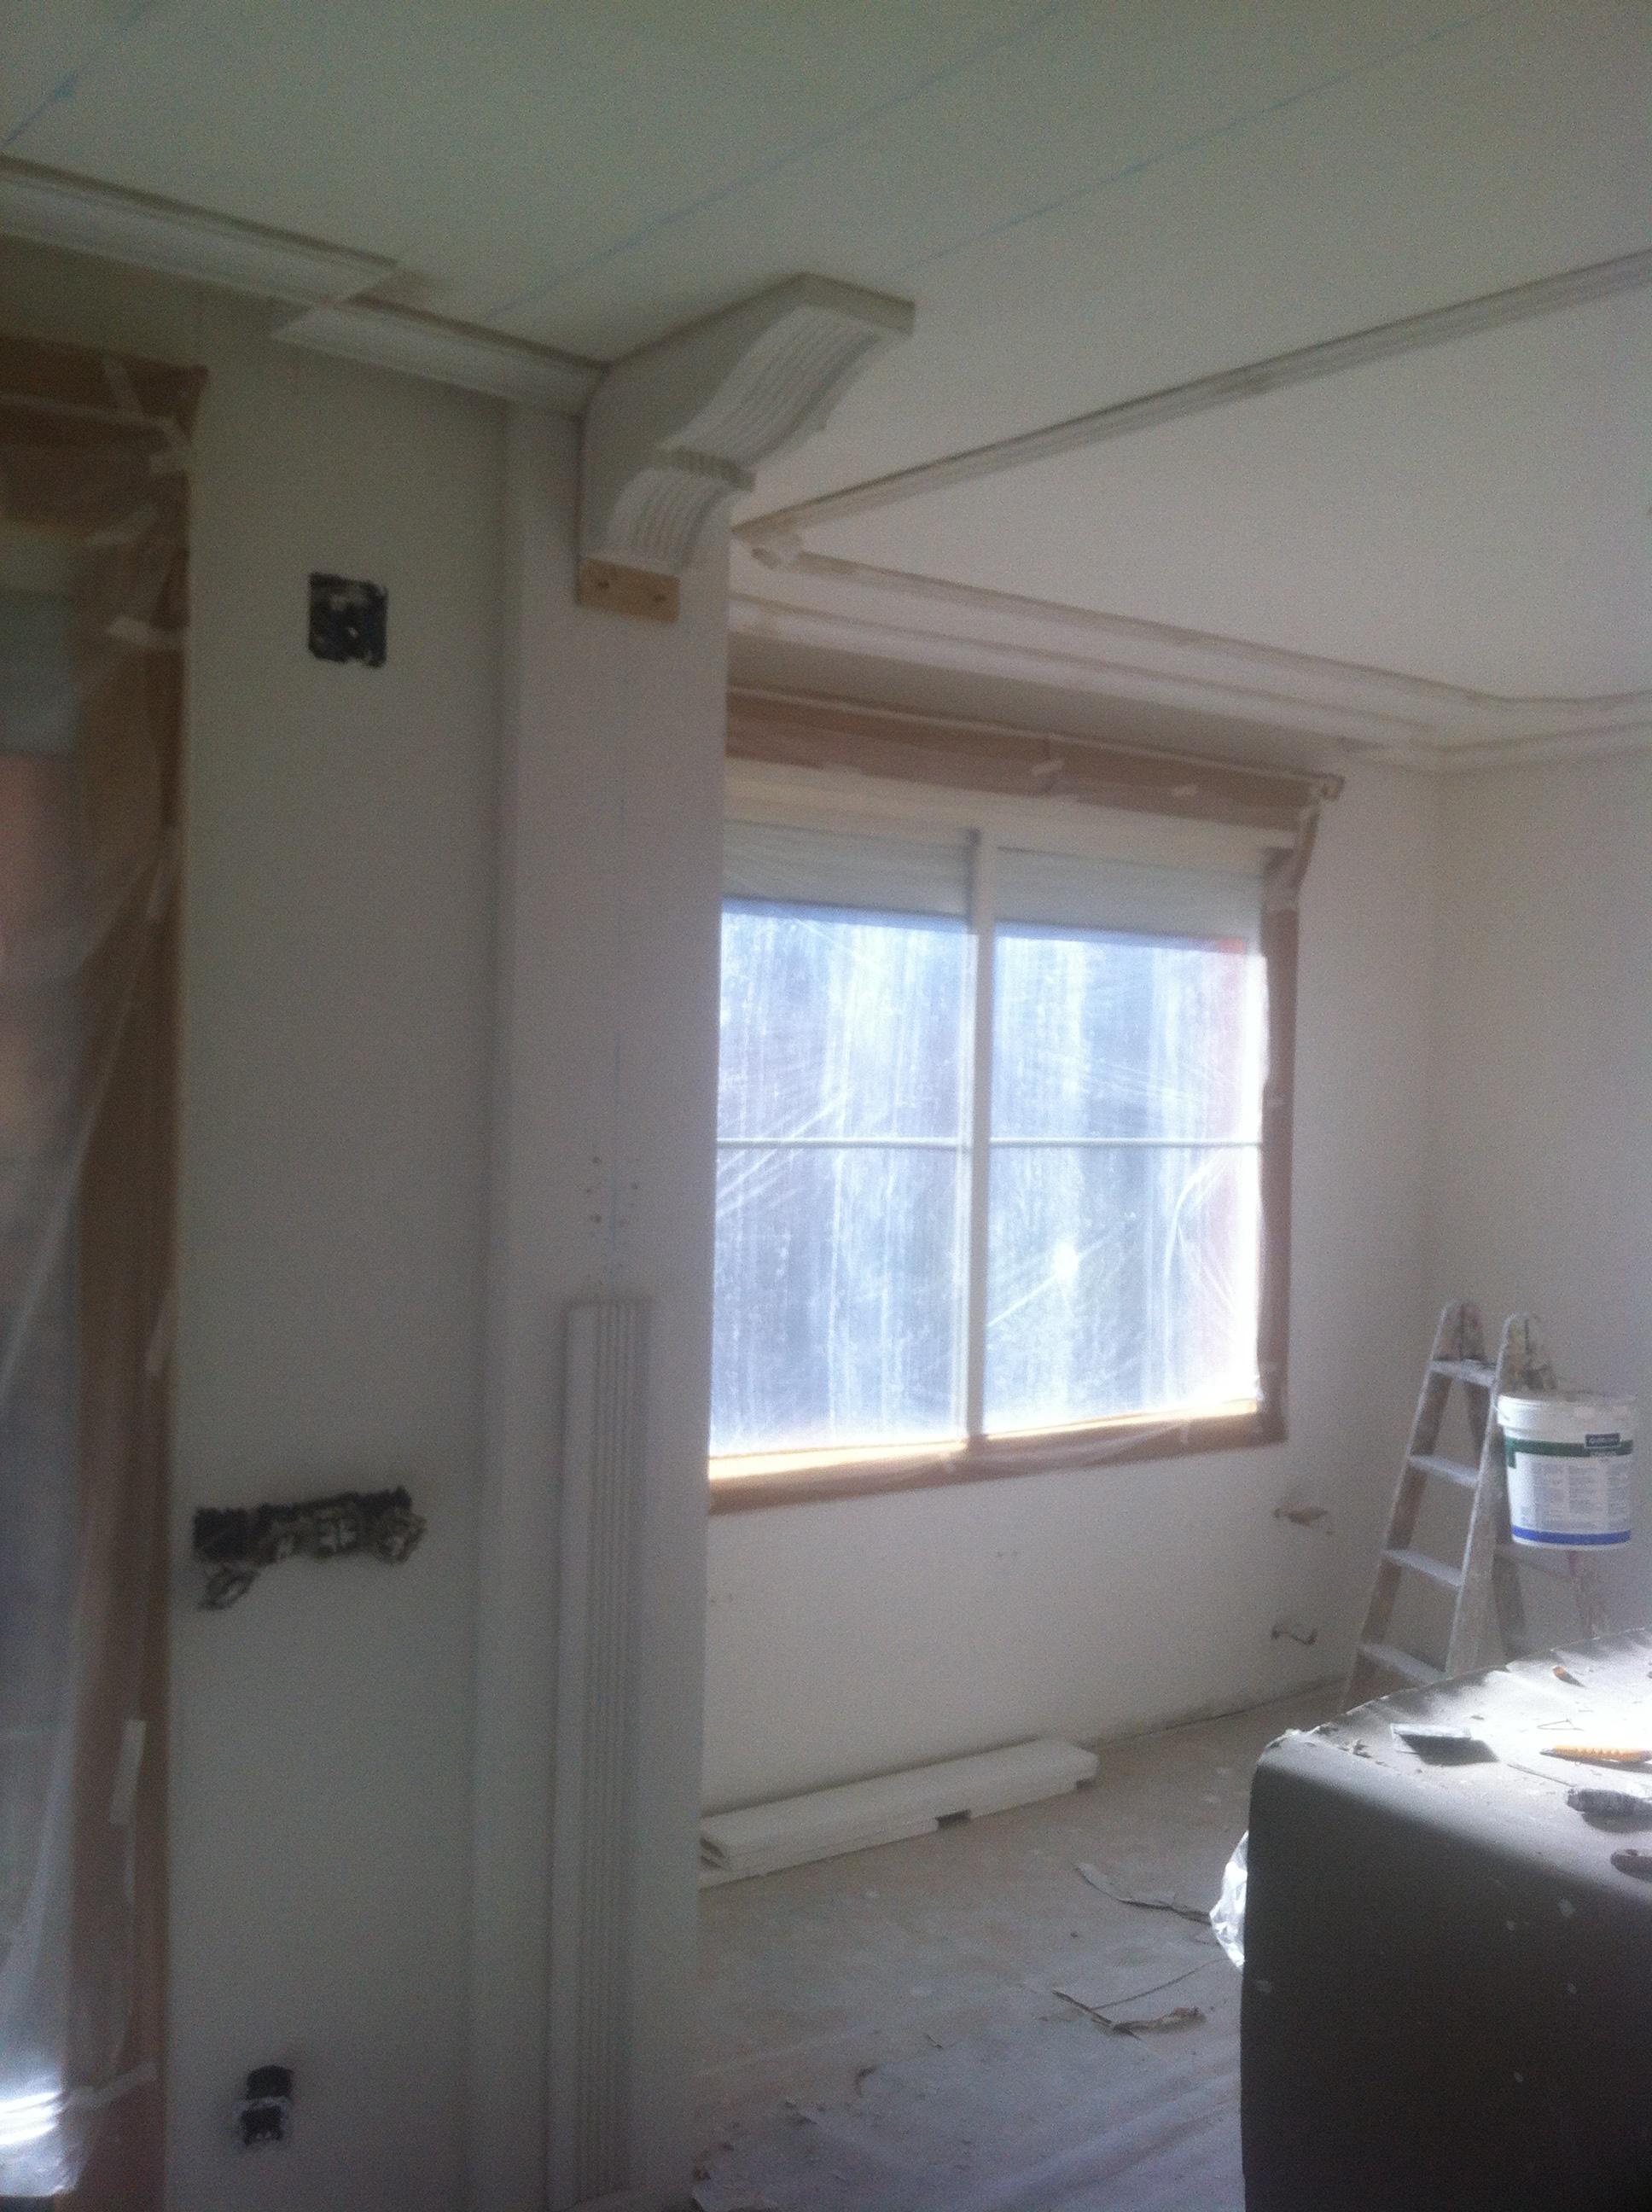 Quitar gotele del techo good es un pasillo pintado en dos tono las paredes y techo blanco with - Escayola decorativa techo ...